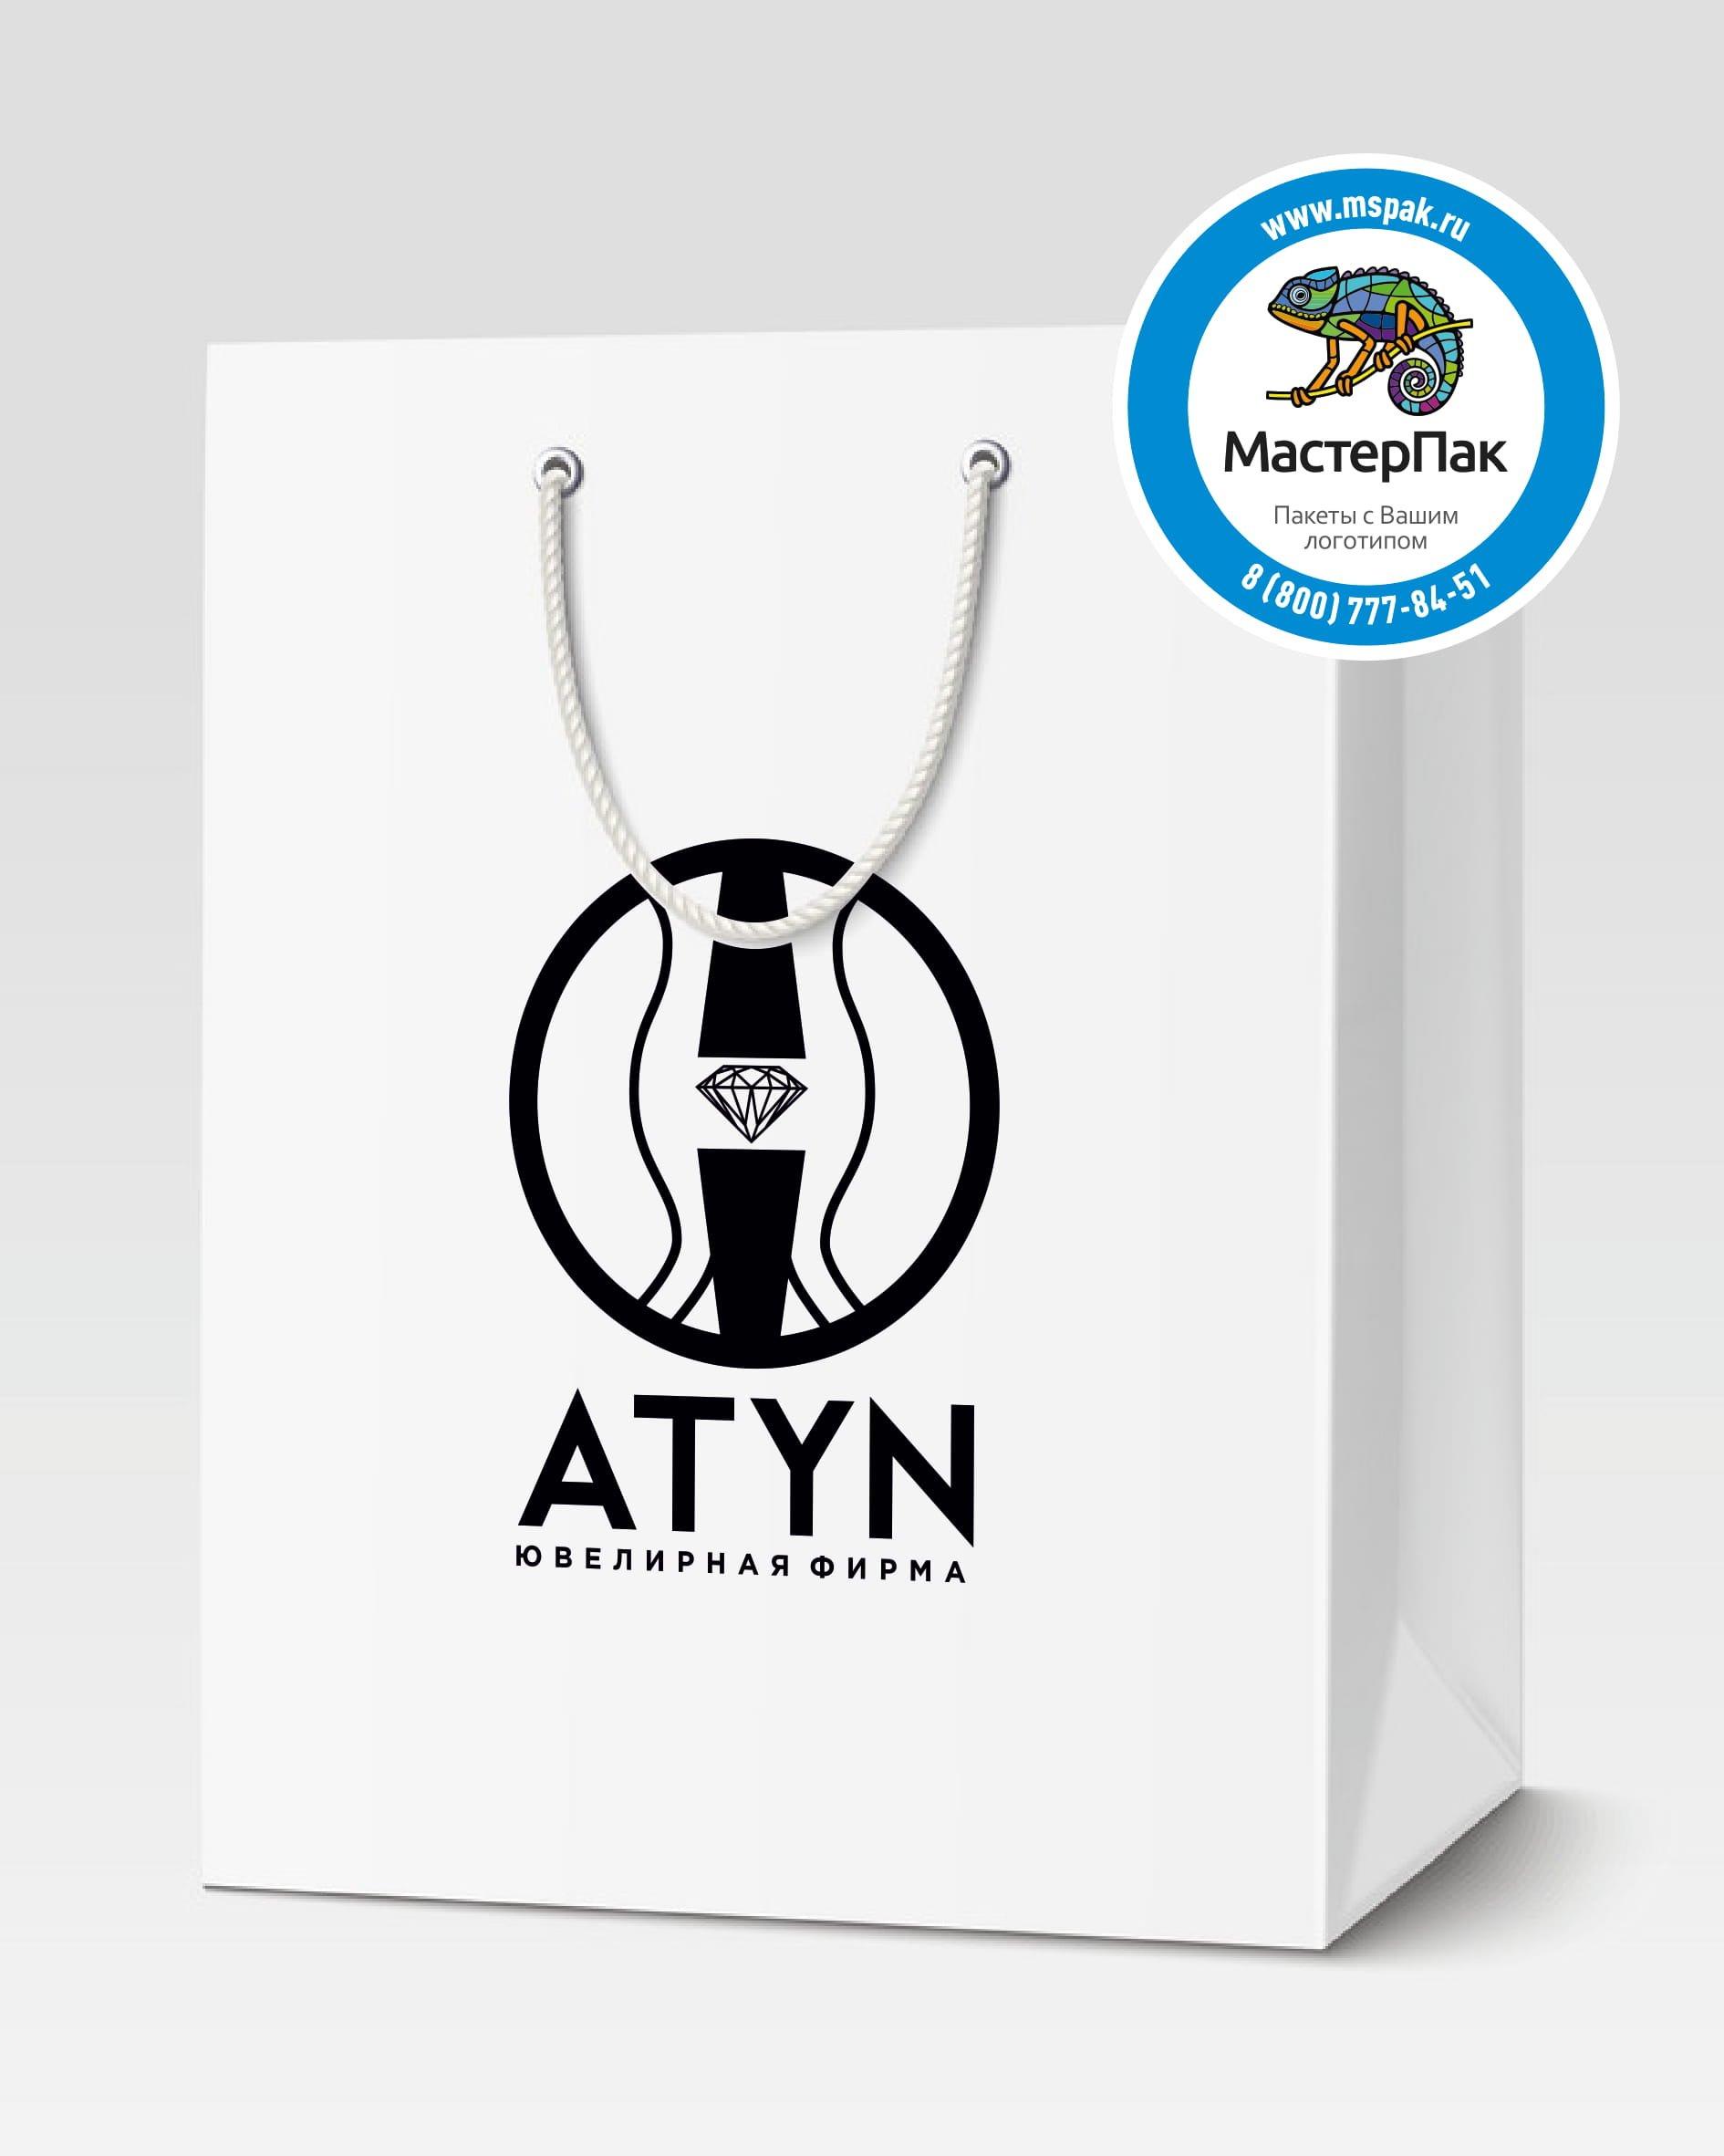 Пакет подарочный, бумажный с логотипом ATYN, Сочи, 30*40, люверсы